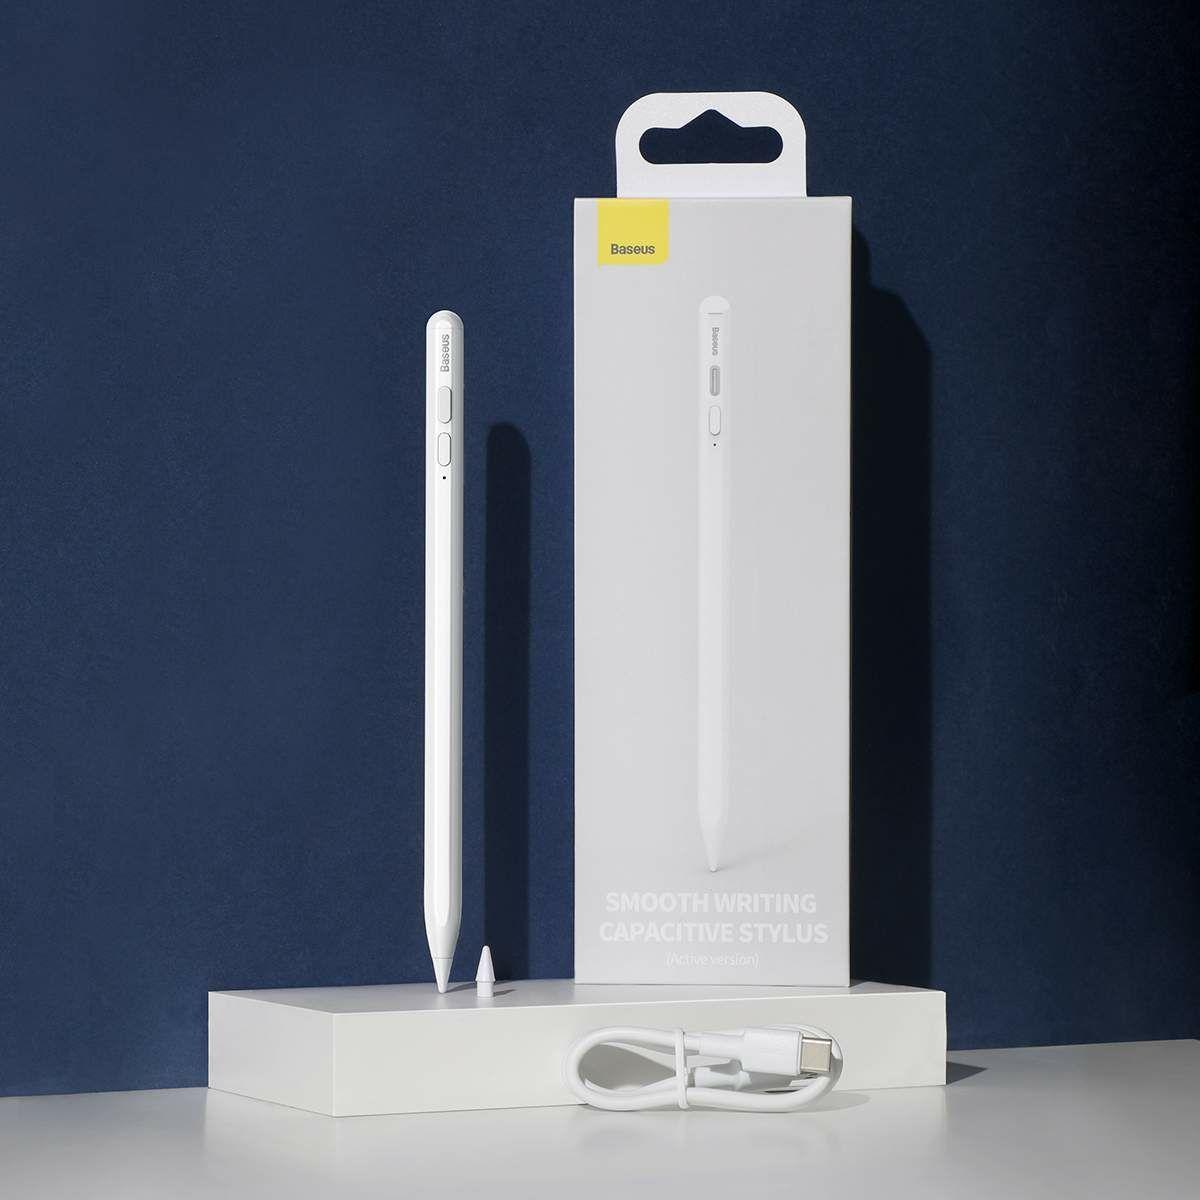 Baseus Tablet kiegészítő Toll Smooth Writing Capacitive Stylus (Aktív verzió Type-C kábellel 3A 0.5m), fehér (ACSXB-B02)